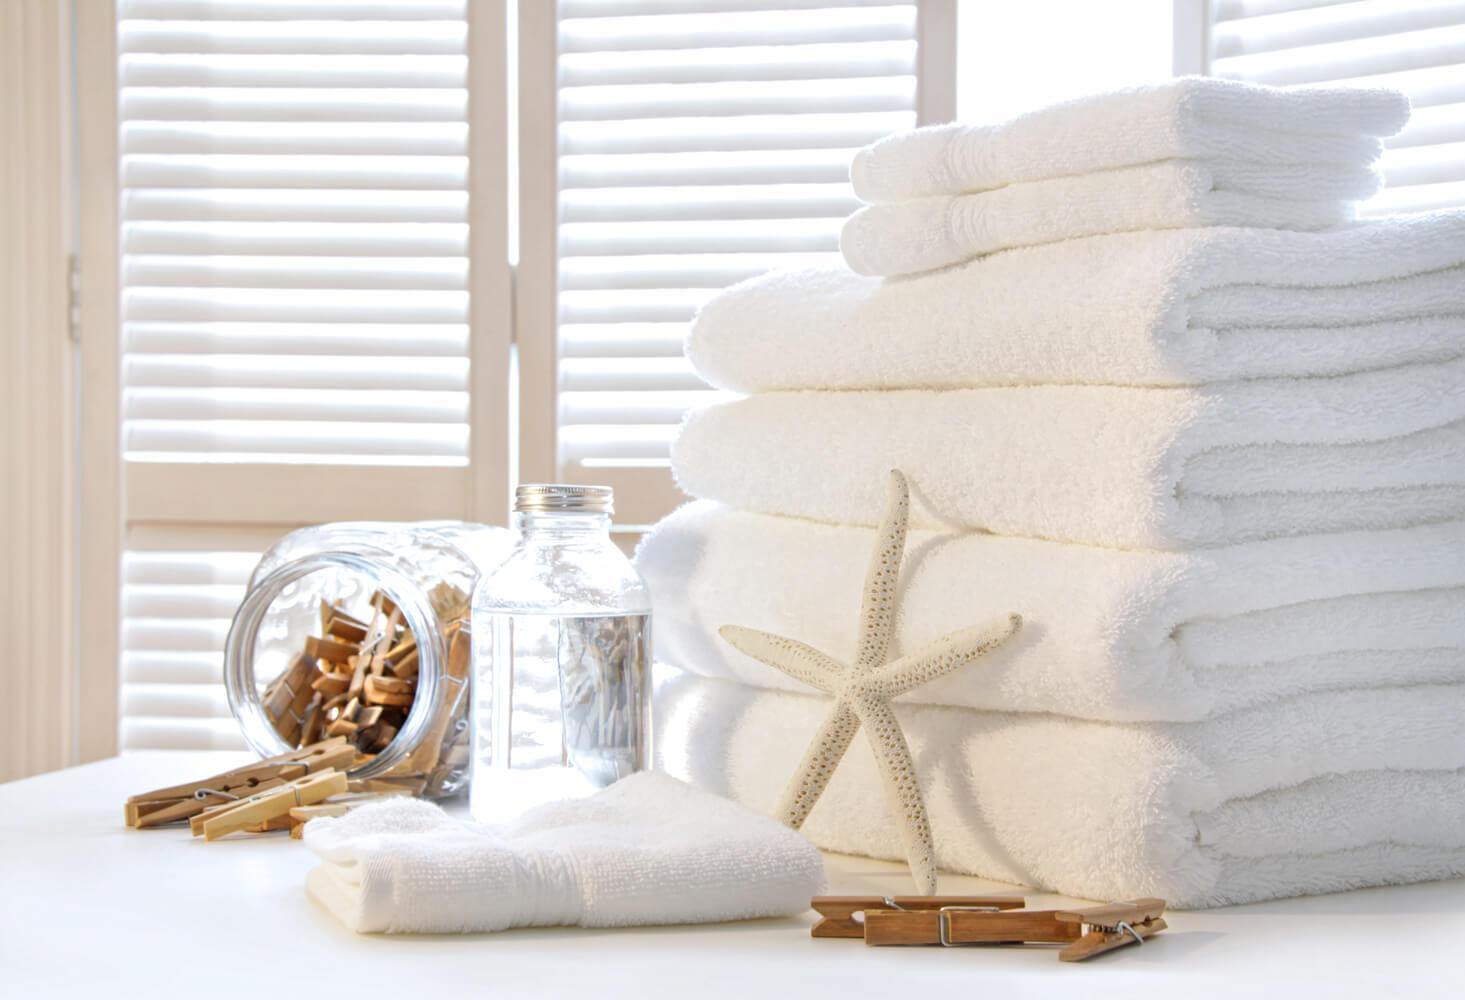 Jak wybielić ręczniki domowym sposobem?